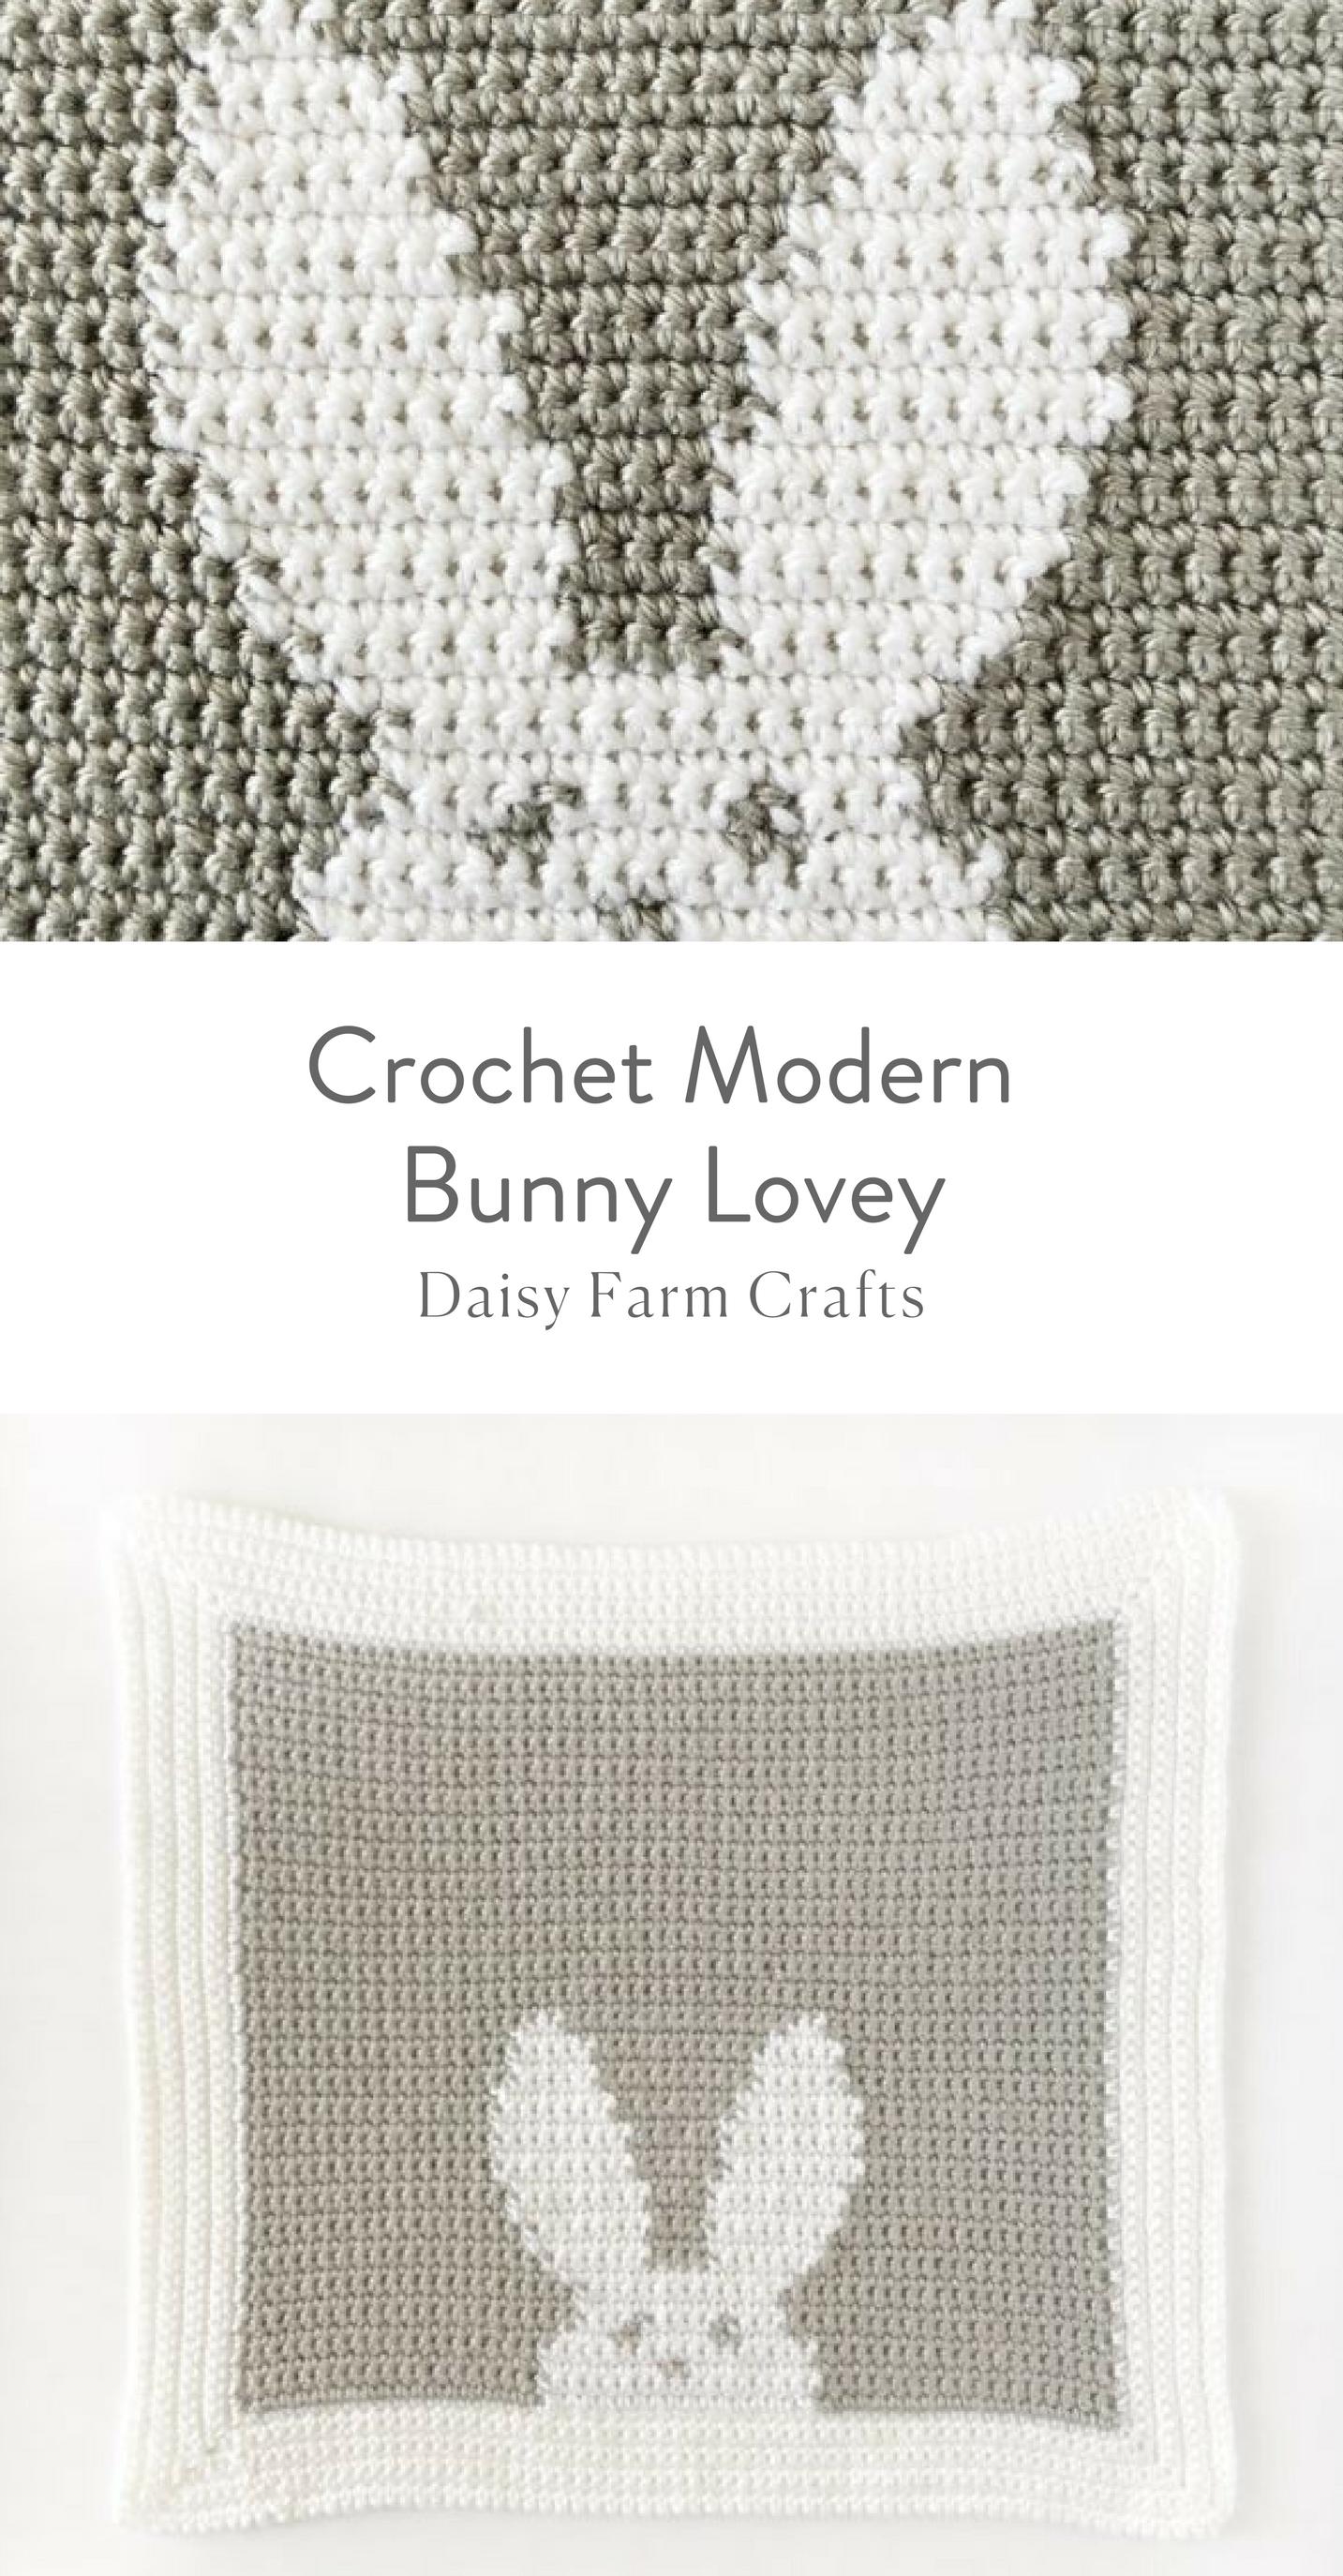 Free Pattern - Crochet Modern Bunny Lovey Blanket | Daisy Farm ...